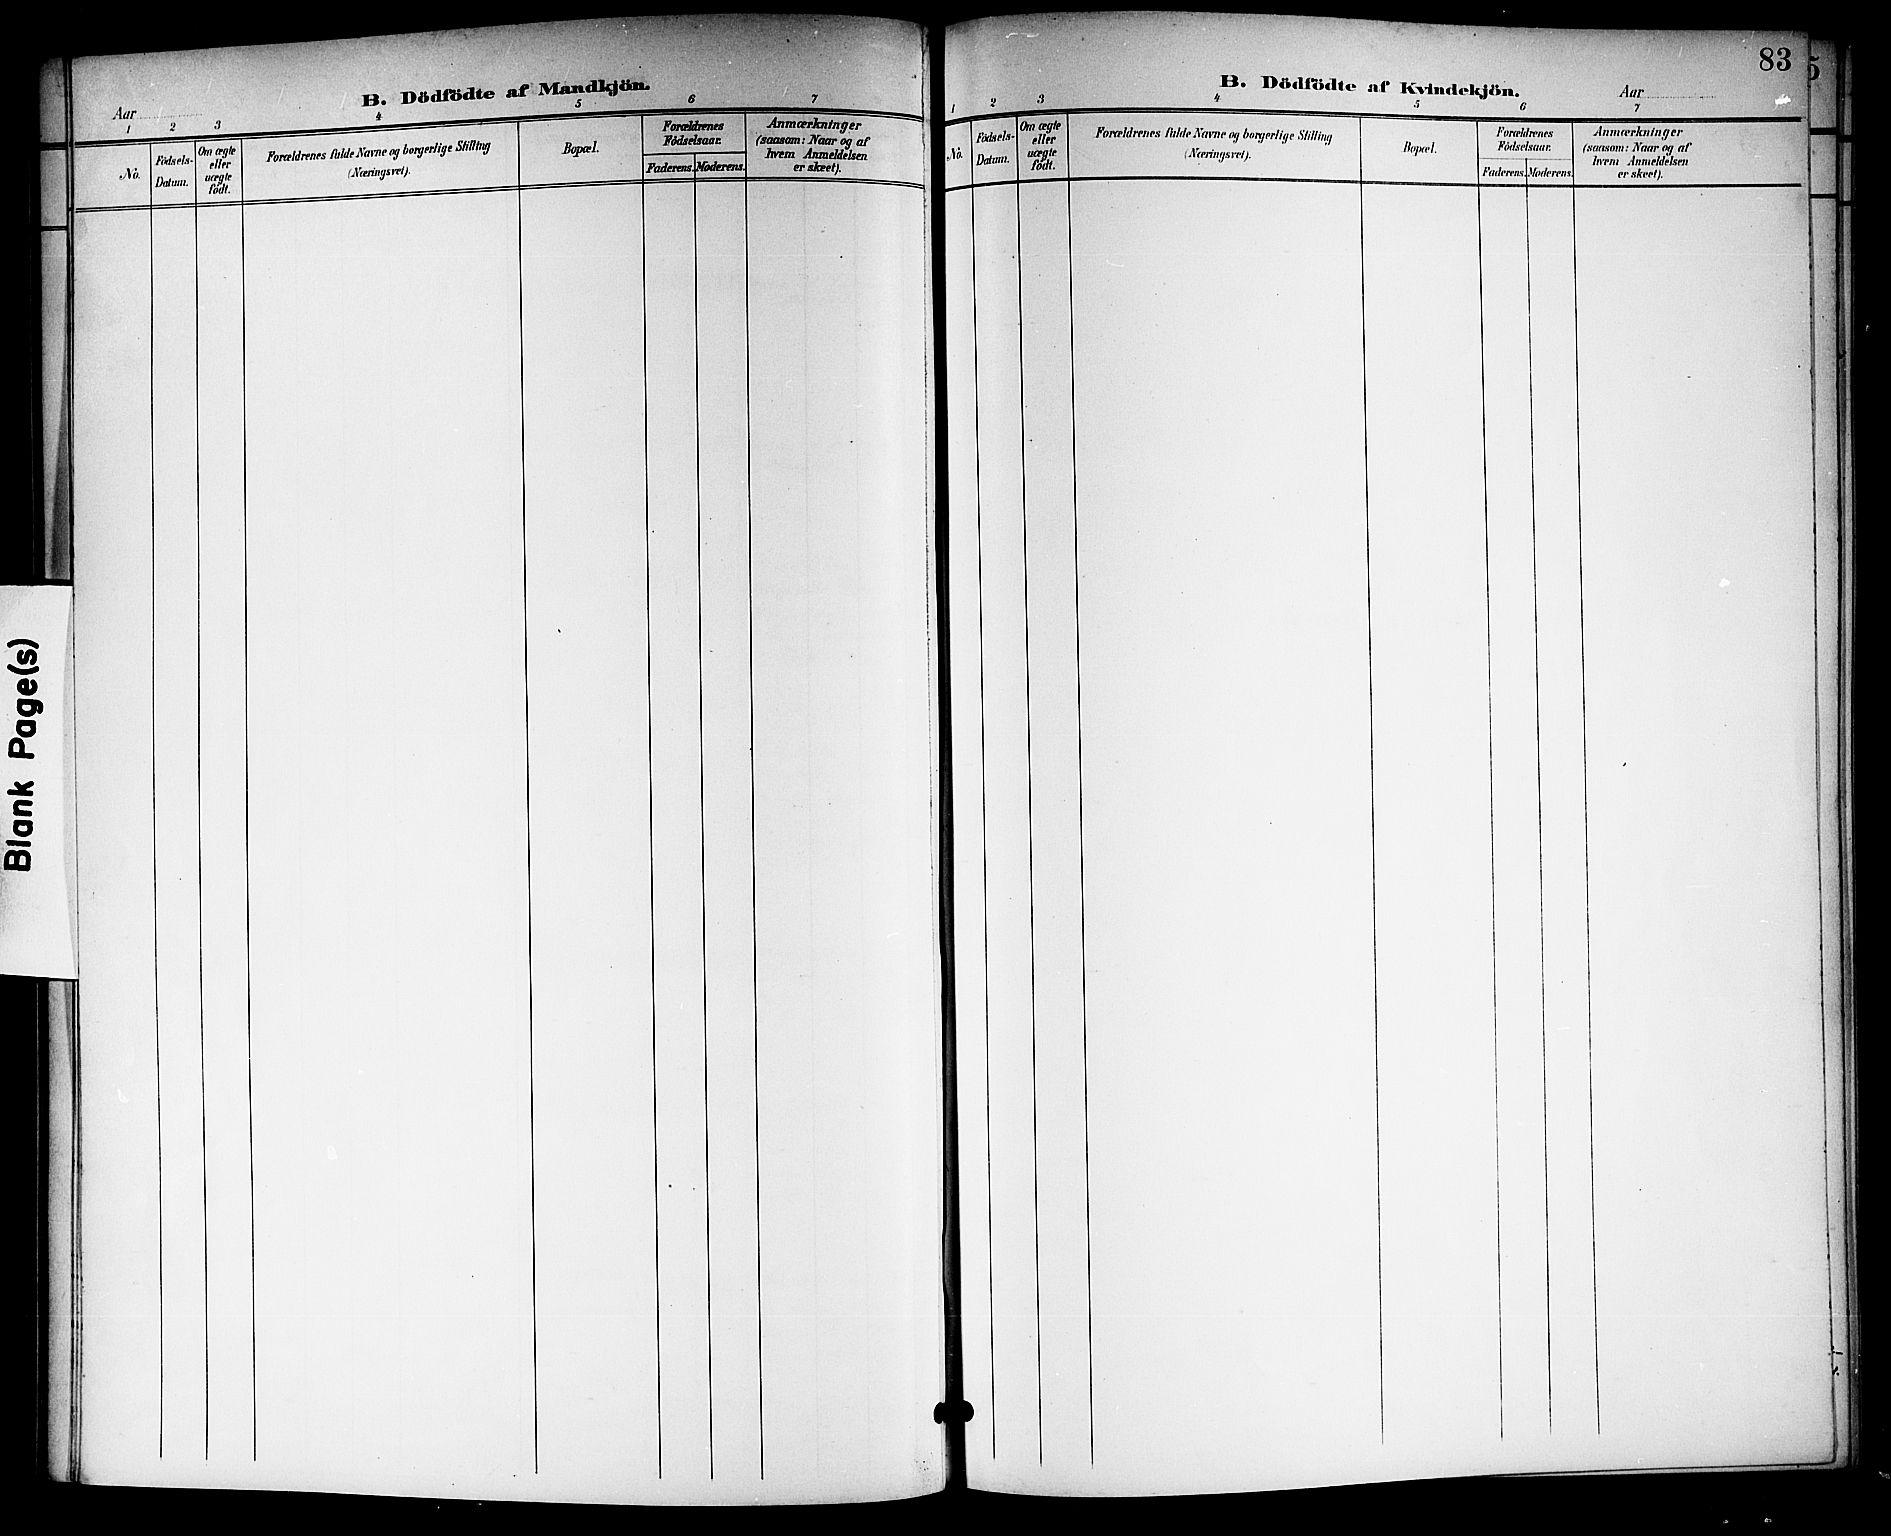 SAKO, Langesund kirkebøker, G/Ga/L0006: Klokkerbok nr. 6, 1899-1918, s. 83